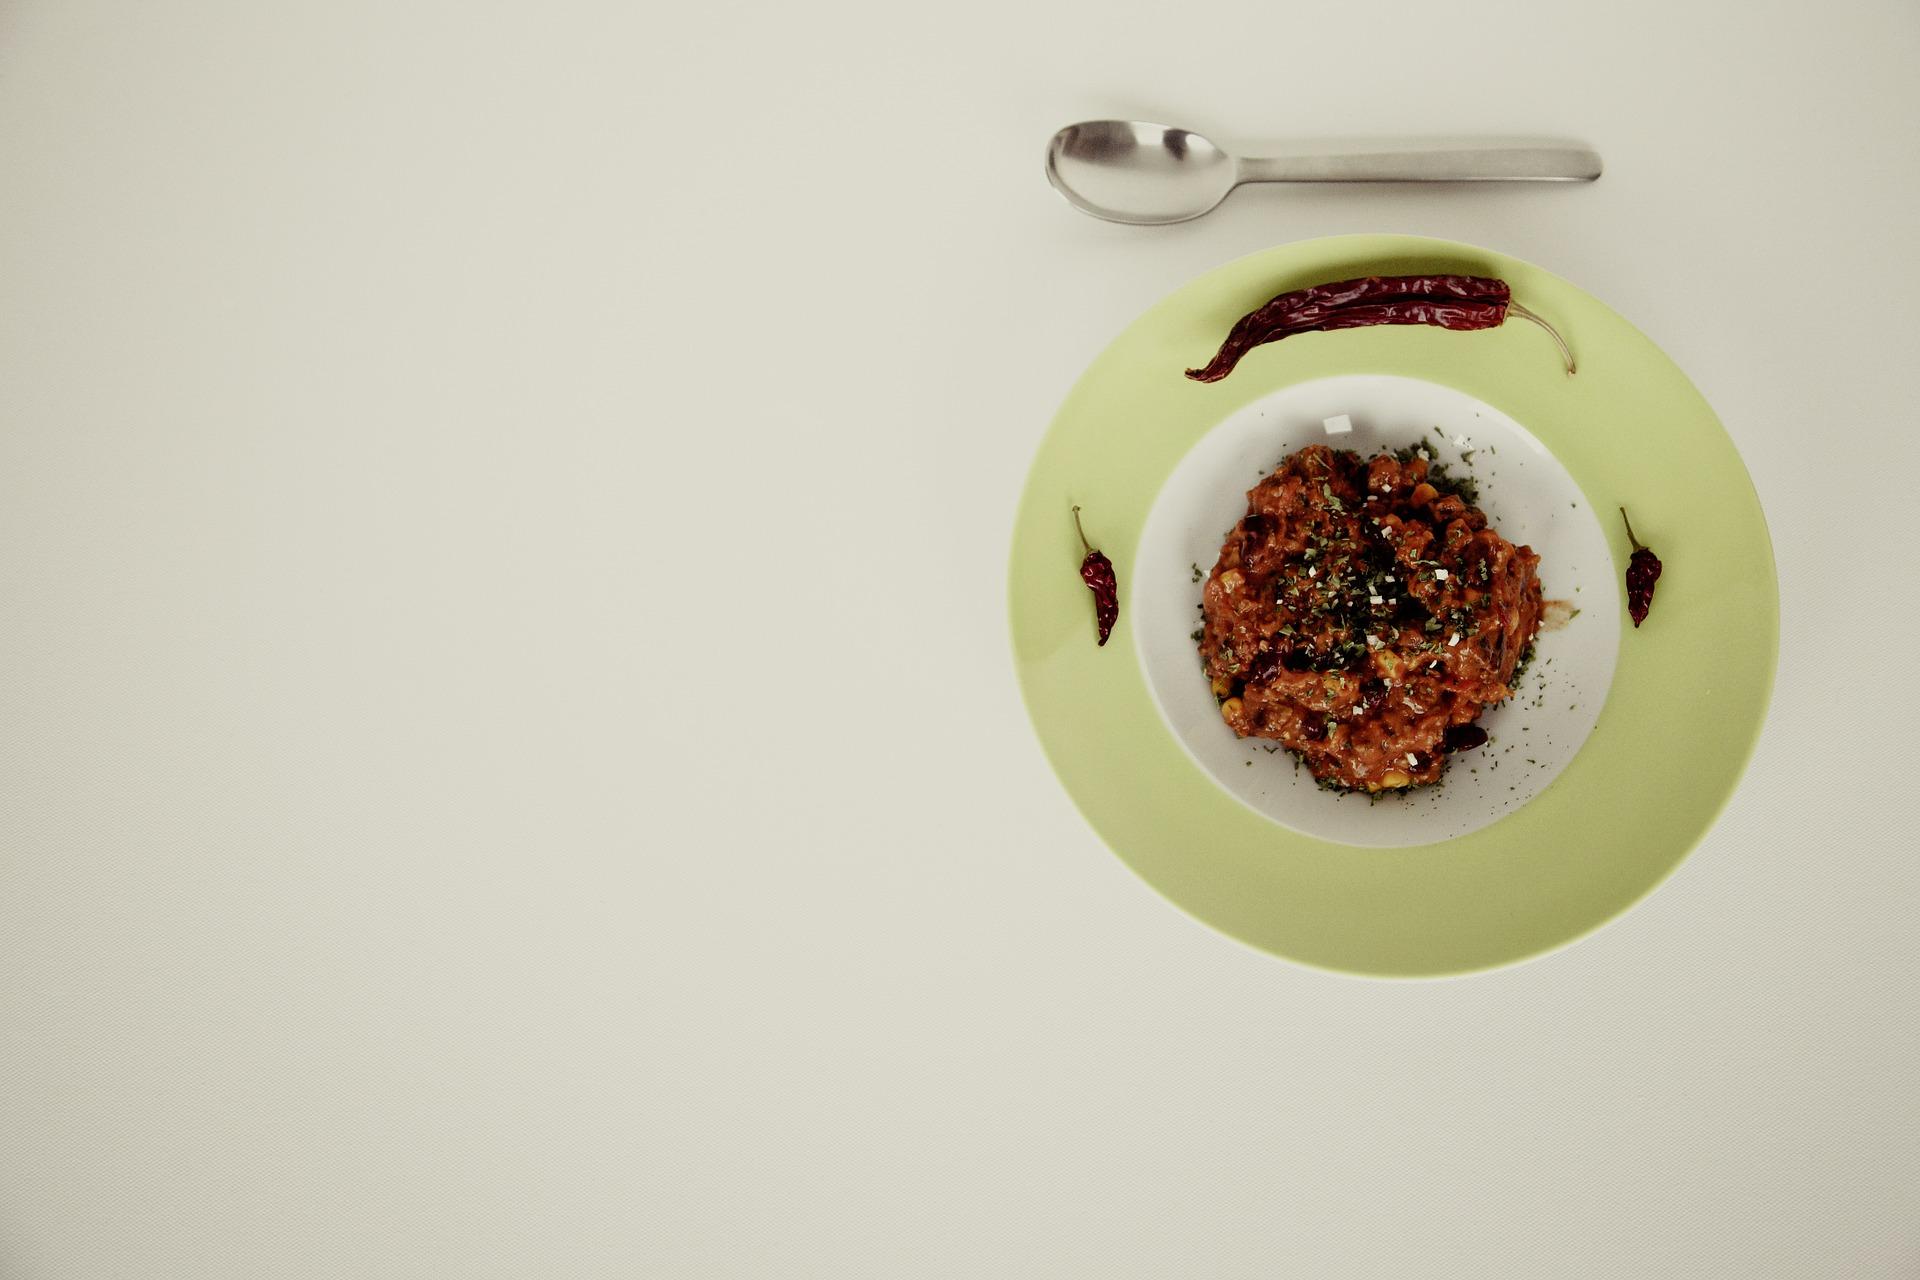 chili-con-carne-594177_1920.jpg